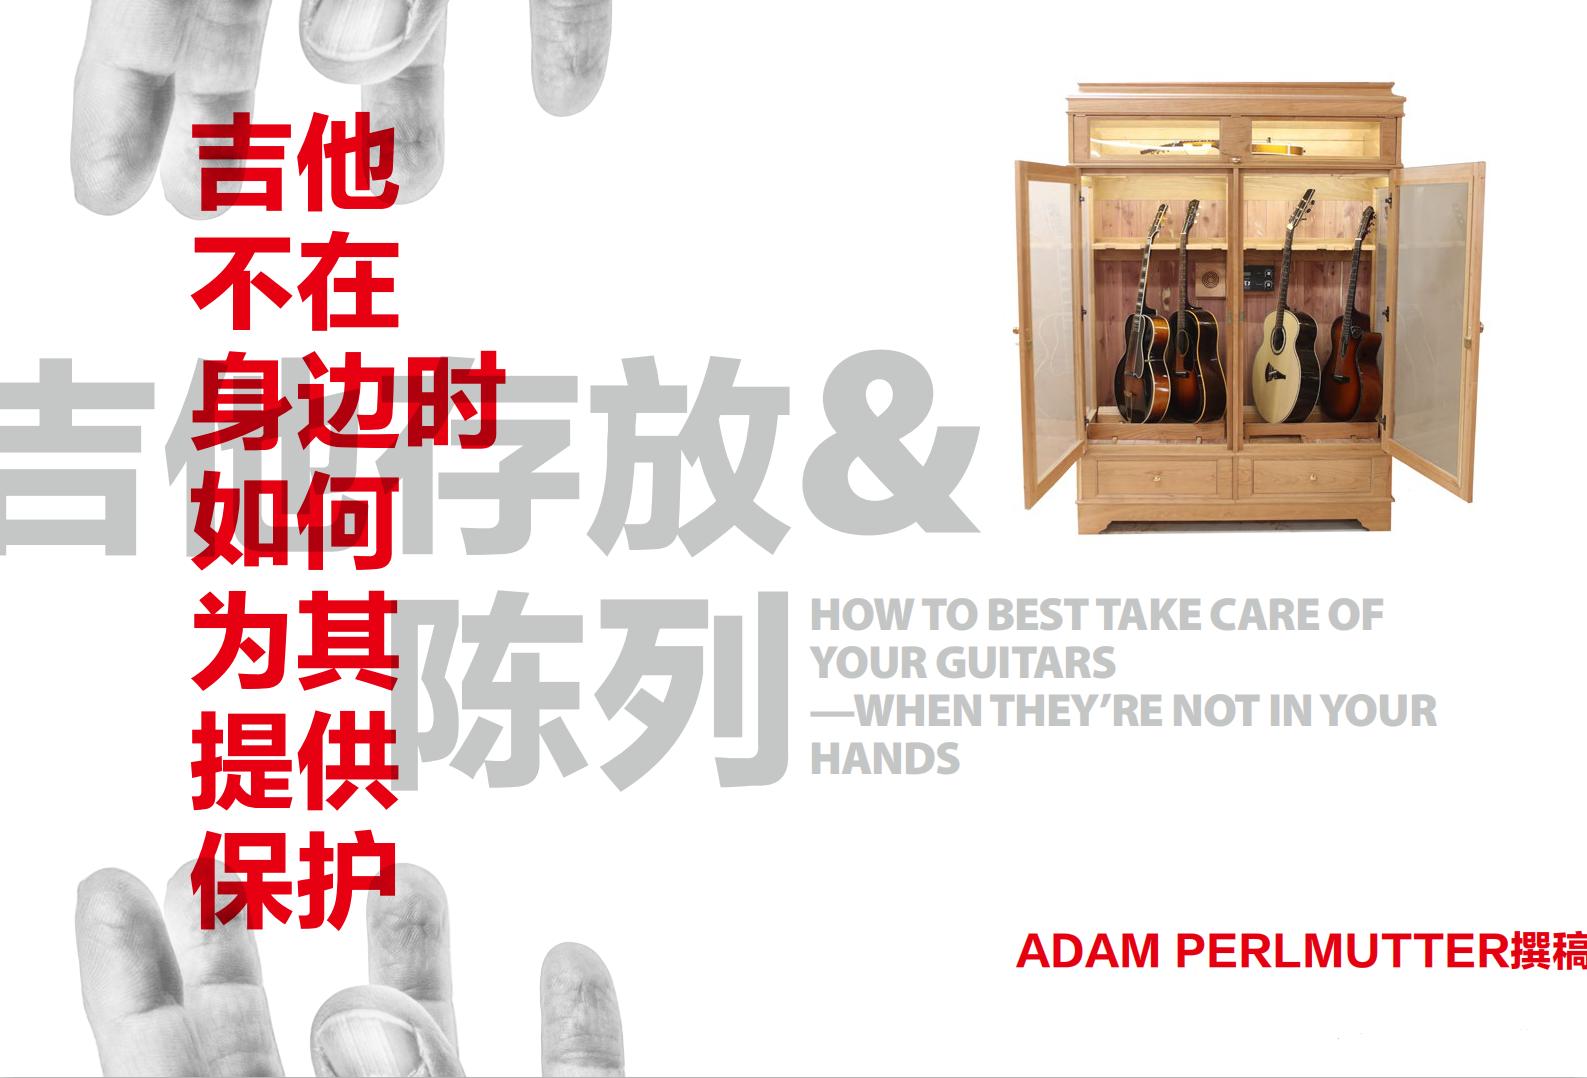 [AG专题]吉他存放与陈列:不在身边时如何保护吉他